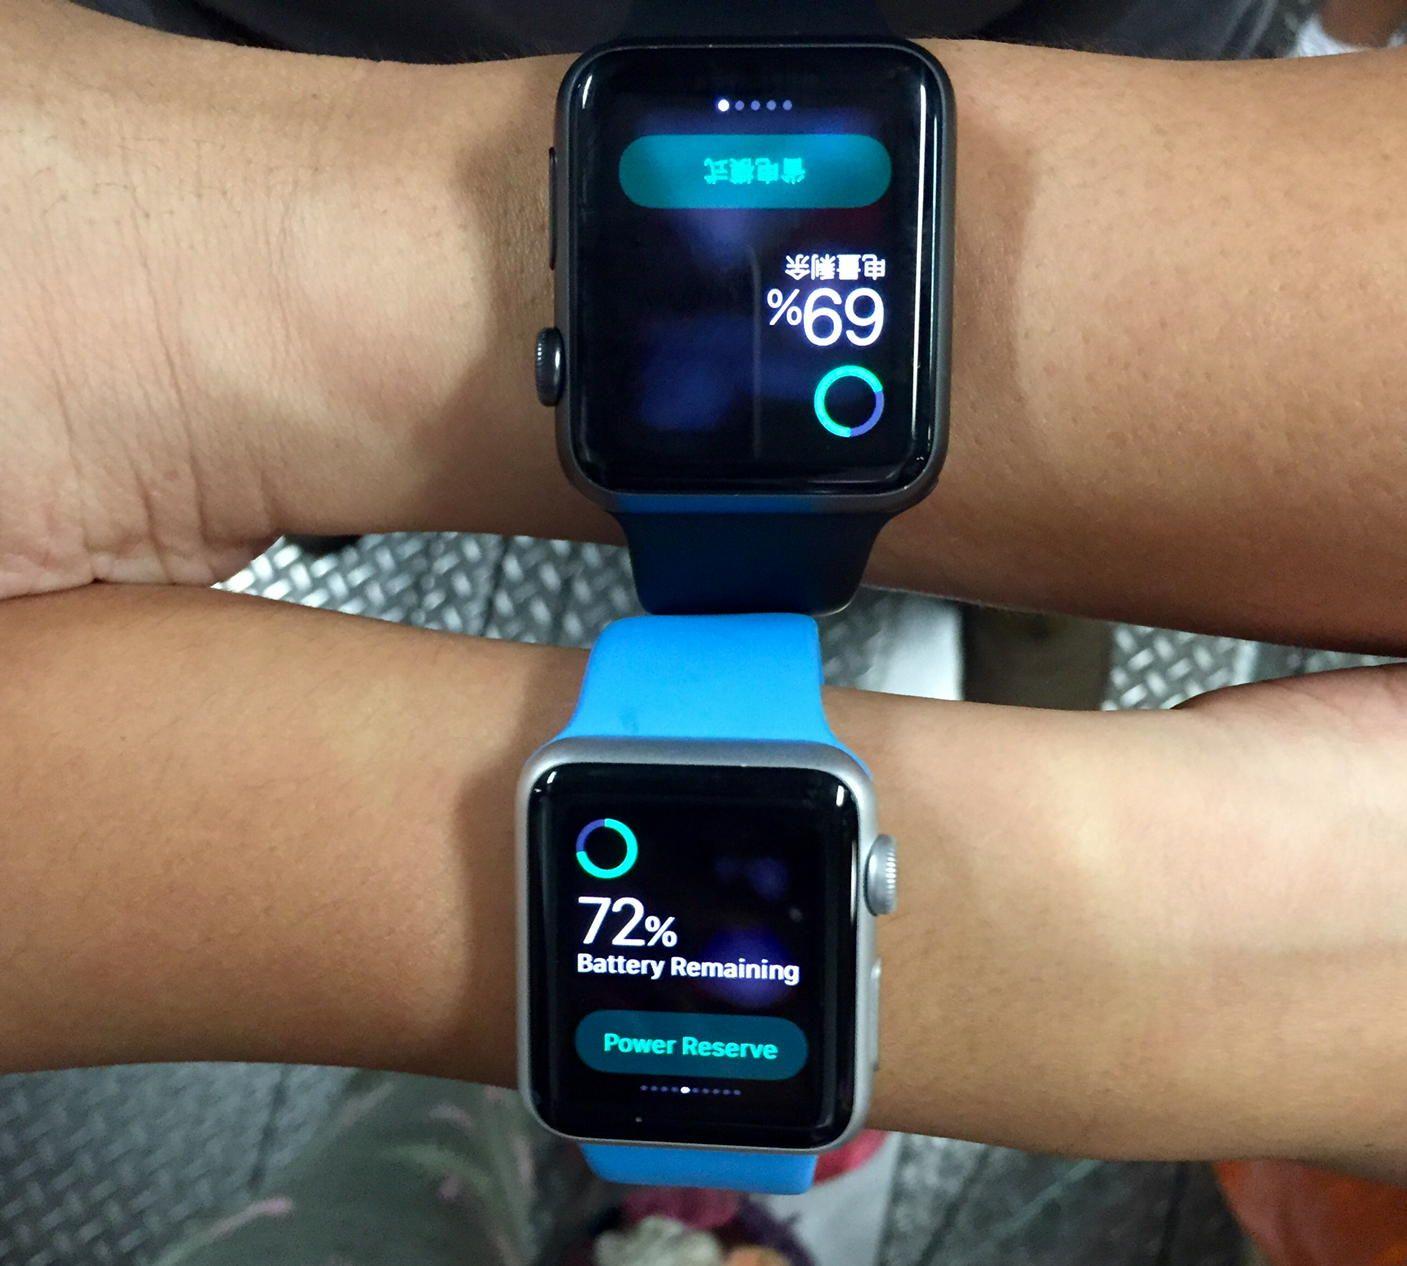 Apple Watch 42mm Vs 38mm